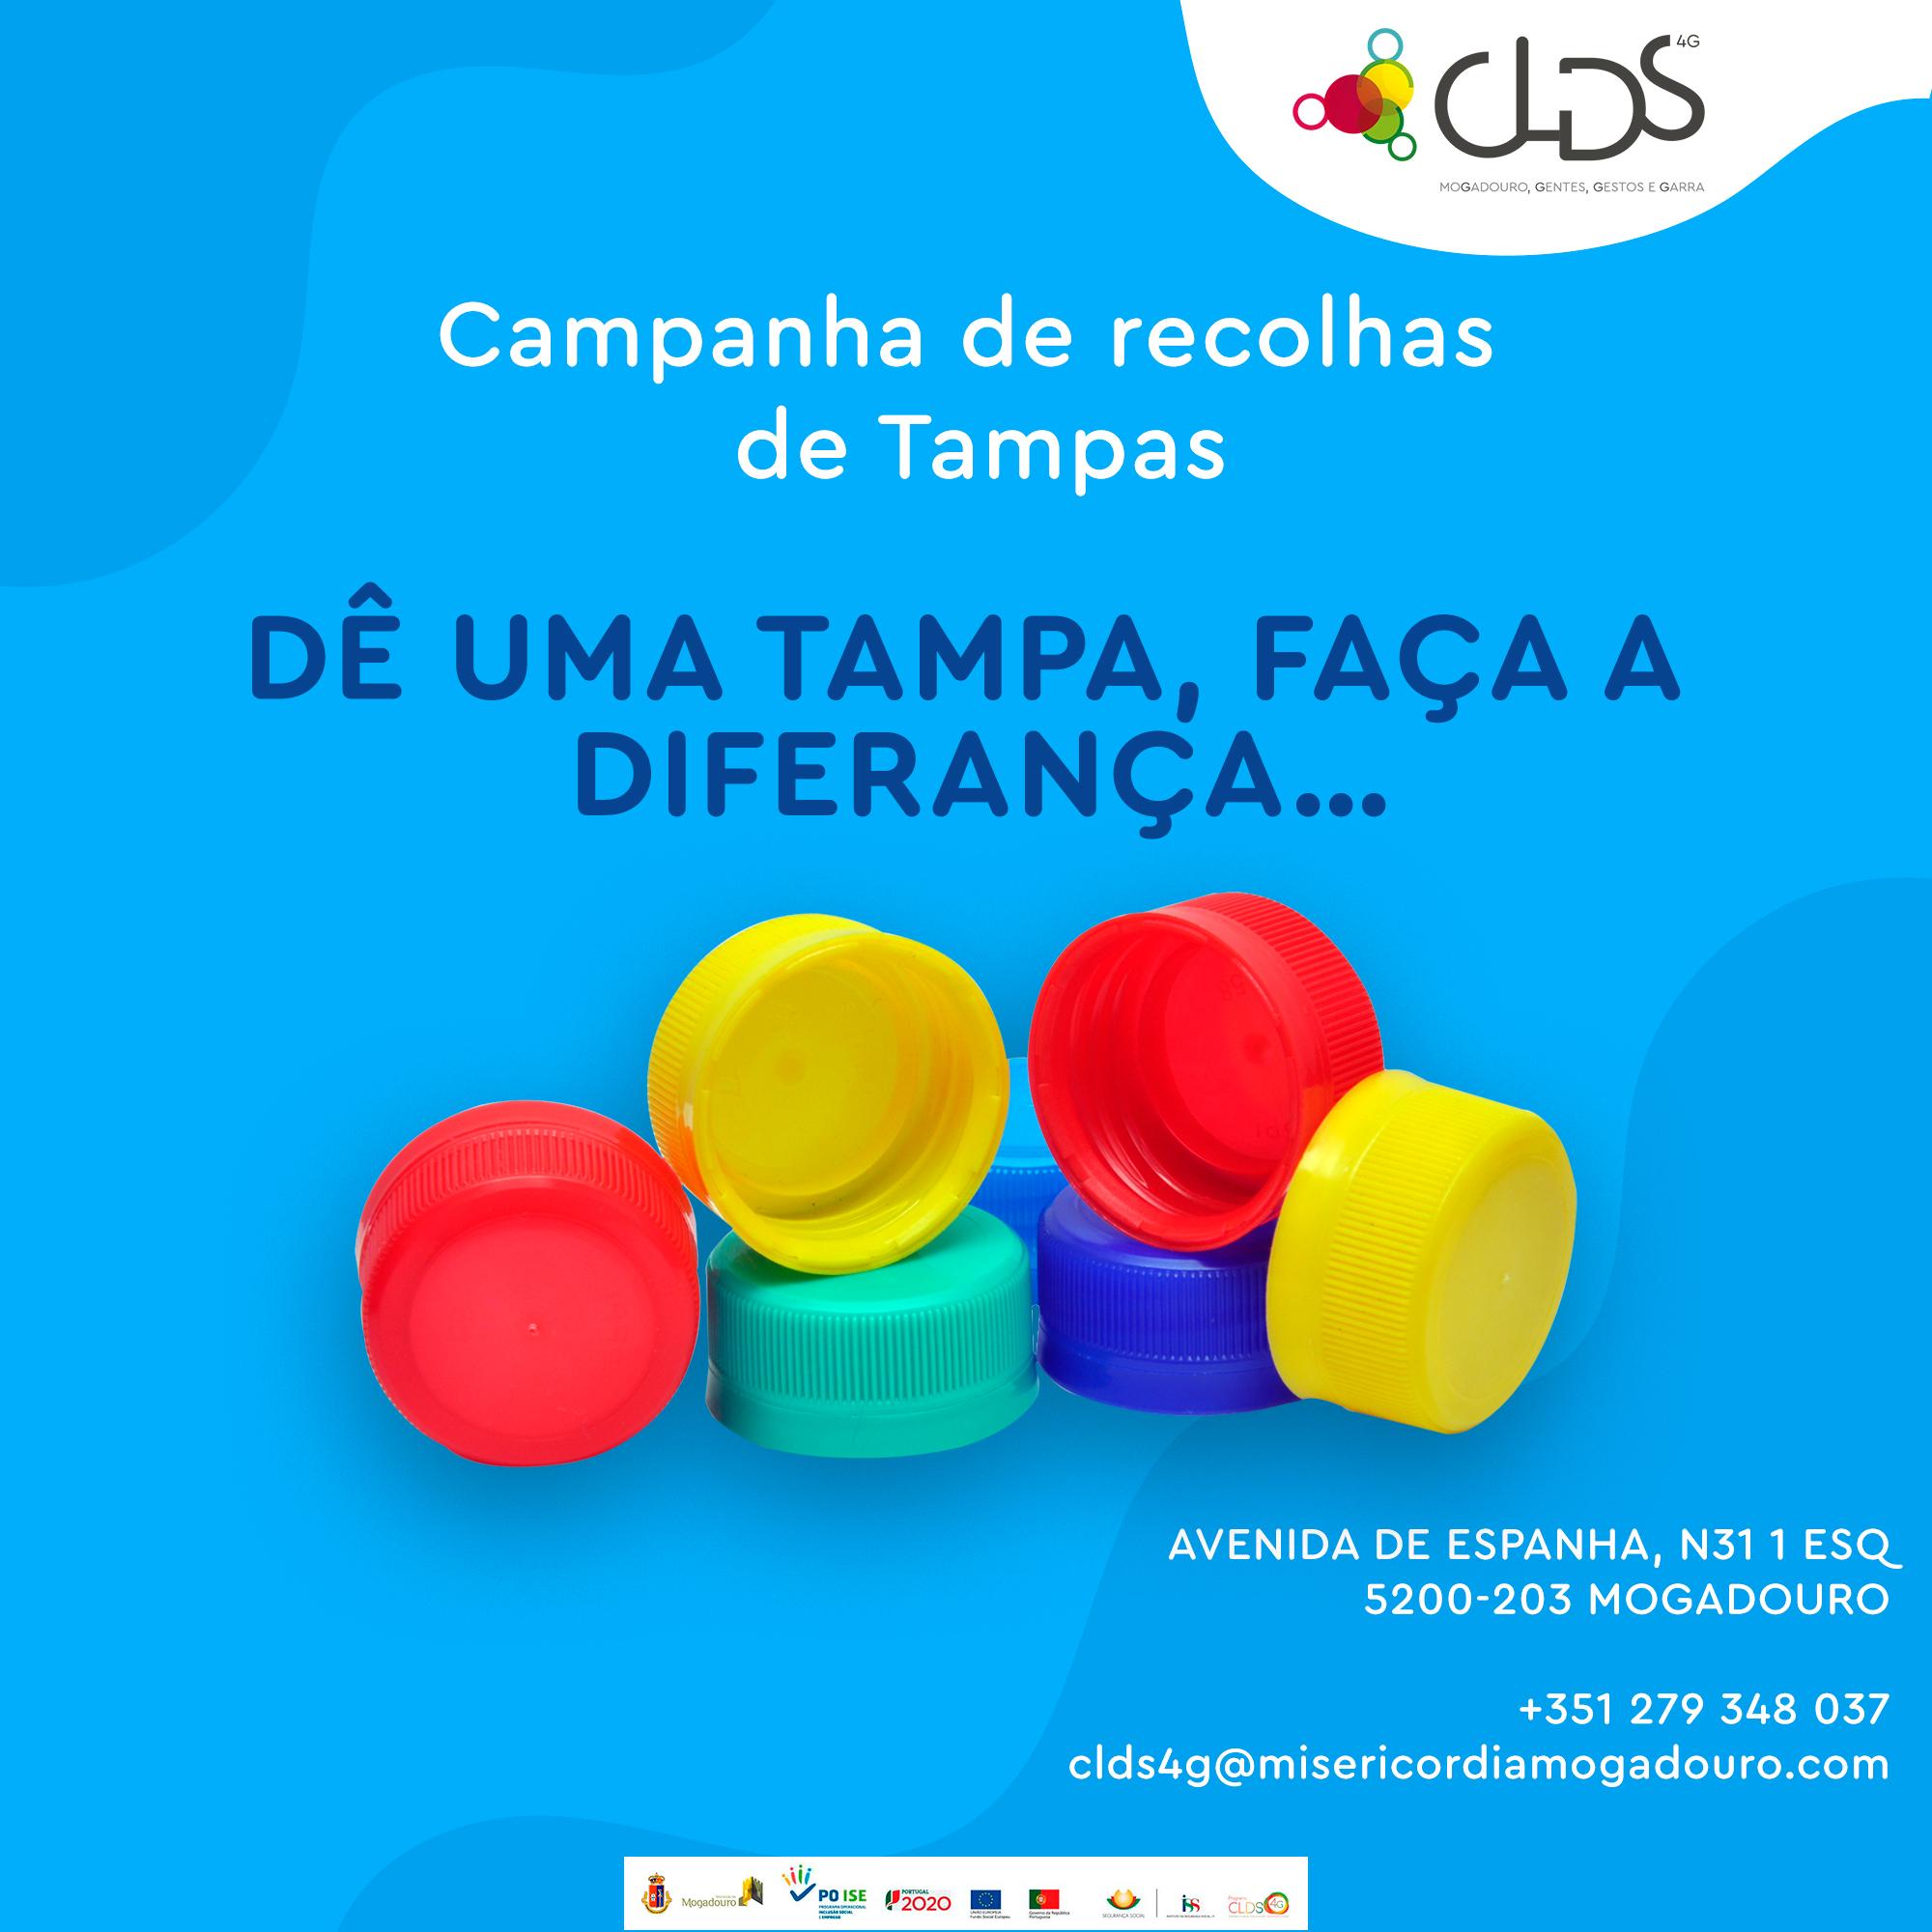 recolha-tampas-clds4g-mogadouro-post